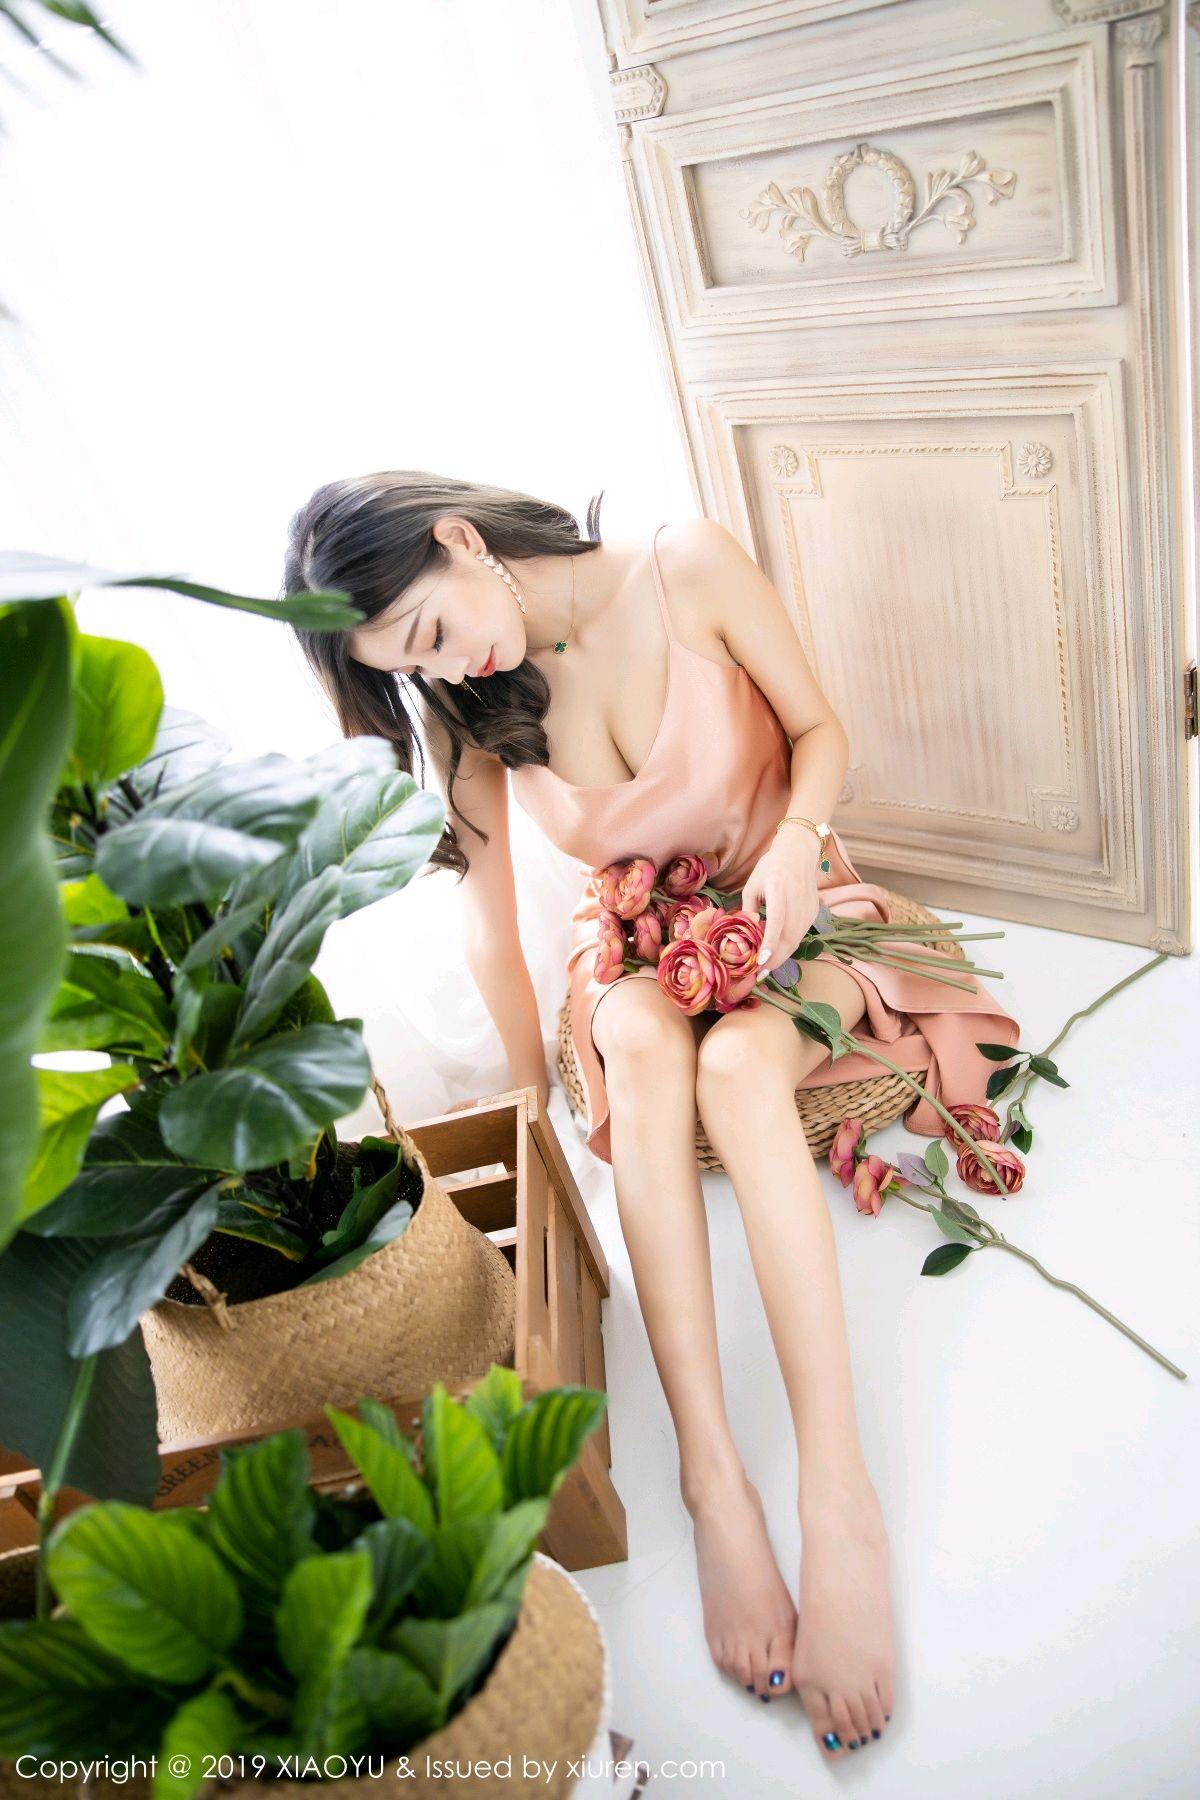 [XiaoYu] Vol.143 Yang Chen Chen 14P, Underwear, XiaoYu, Yang Chen Chen